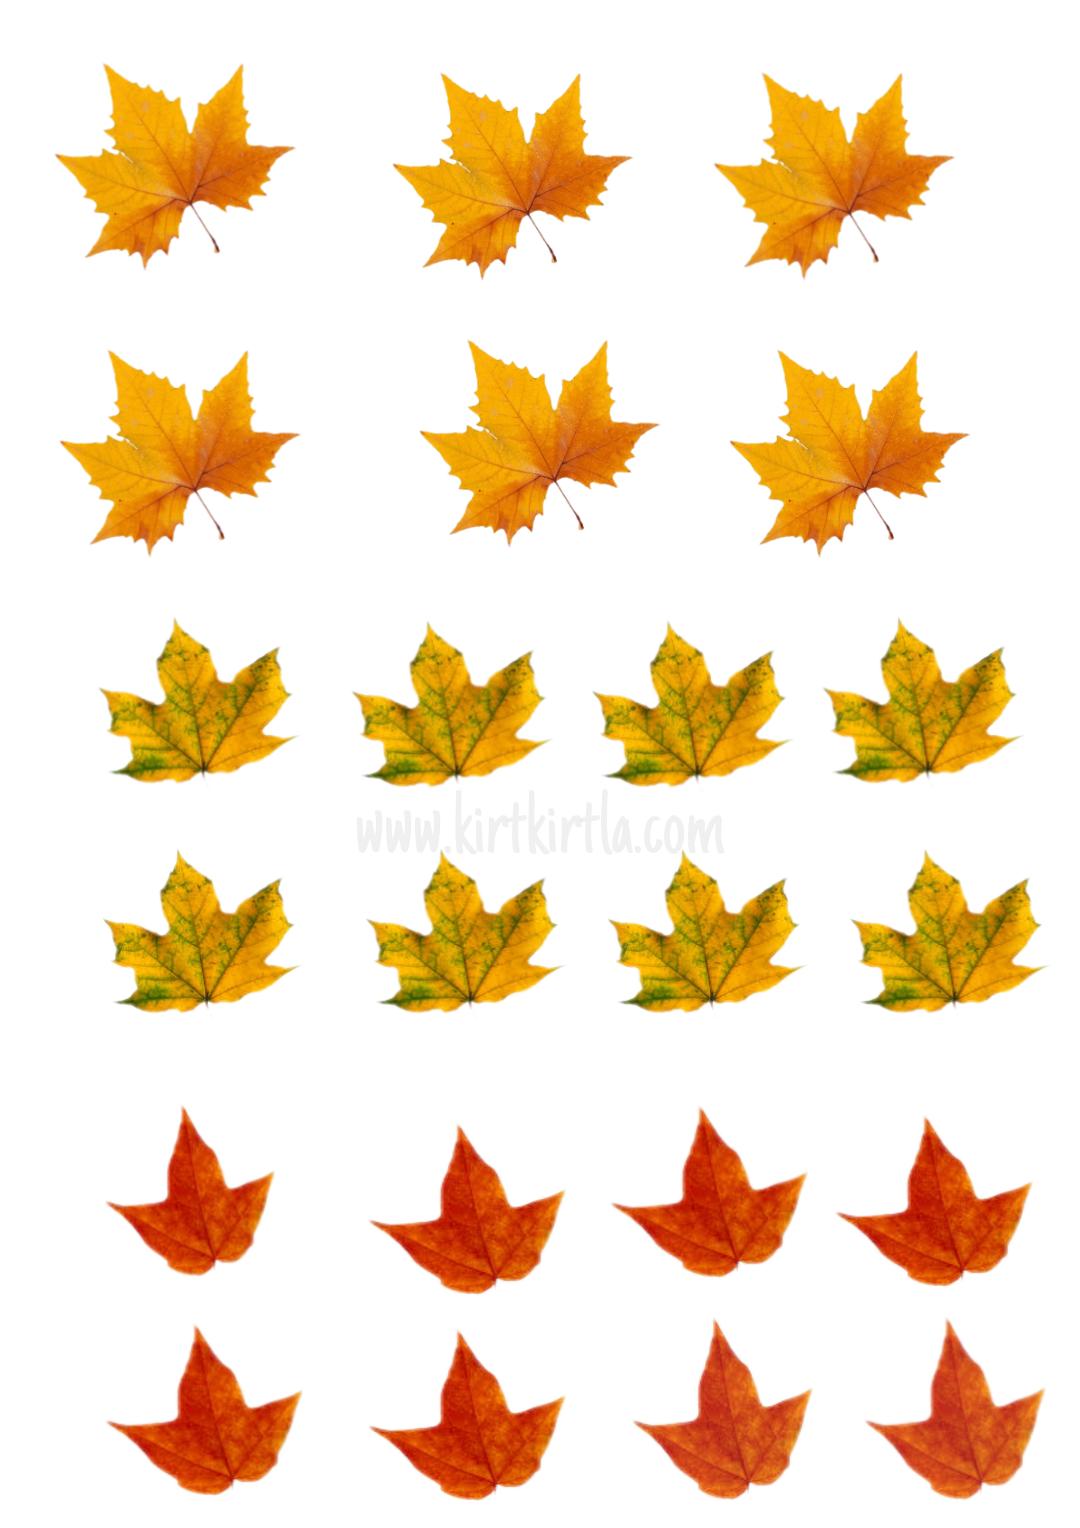 Sonbahar panosu harf kalıpları renkli